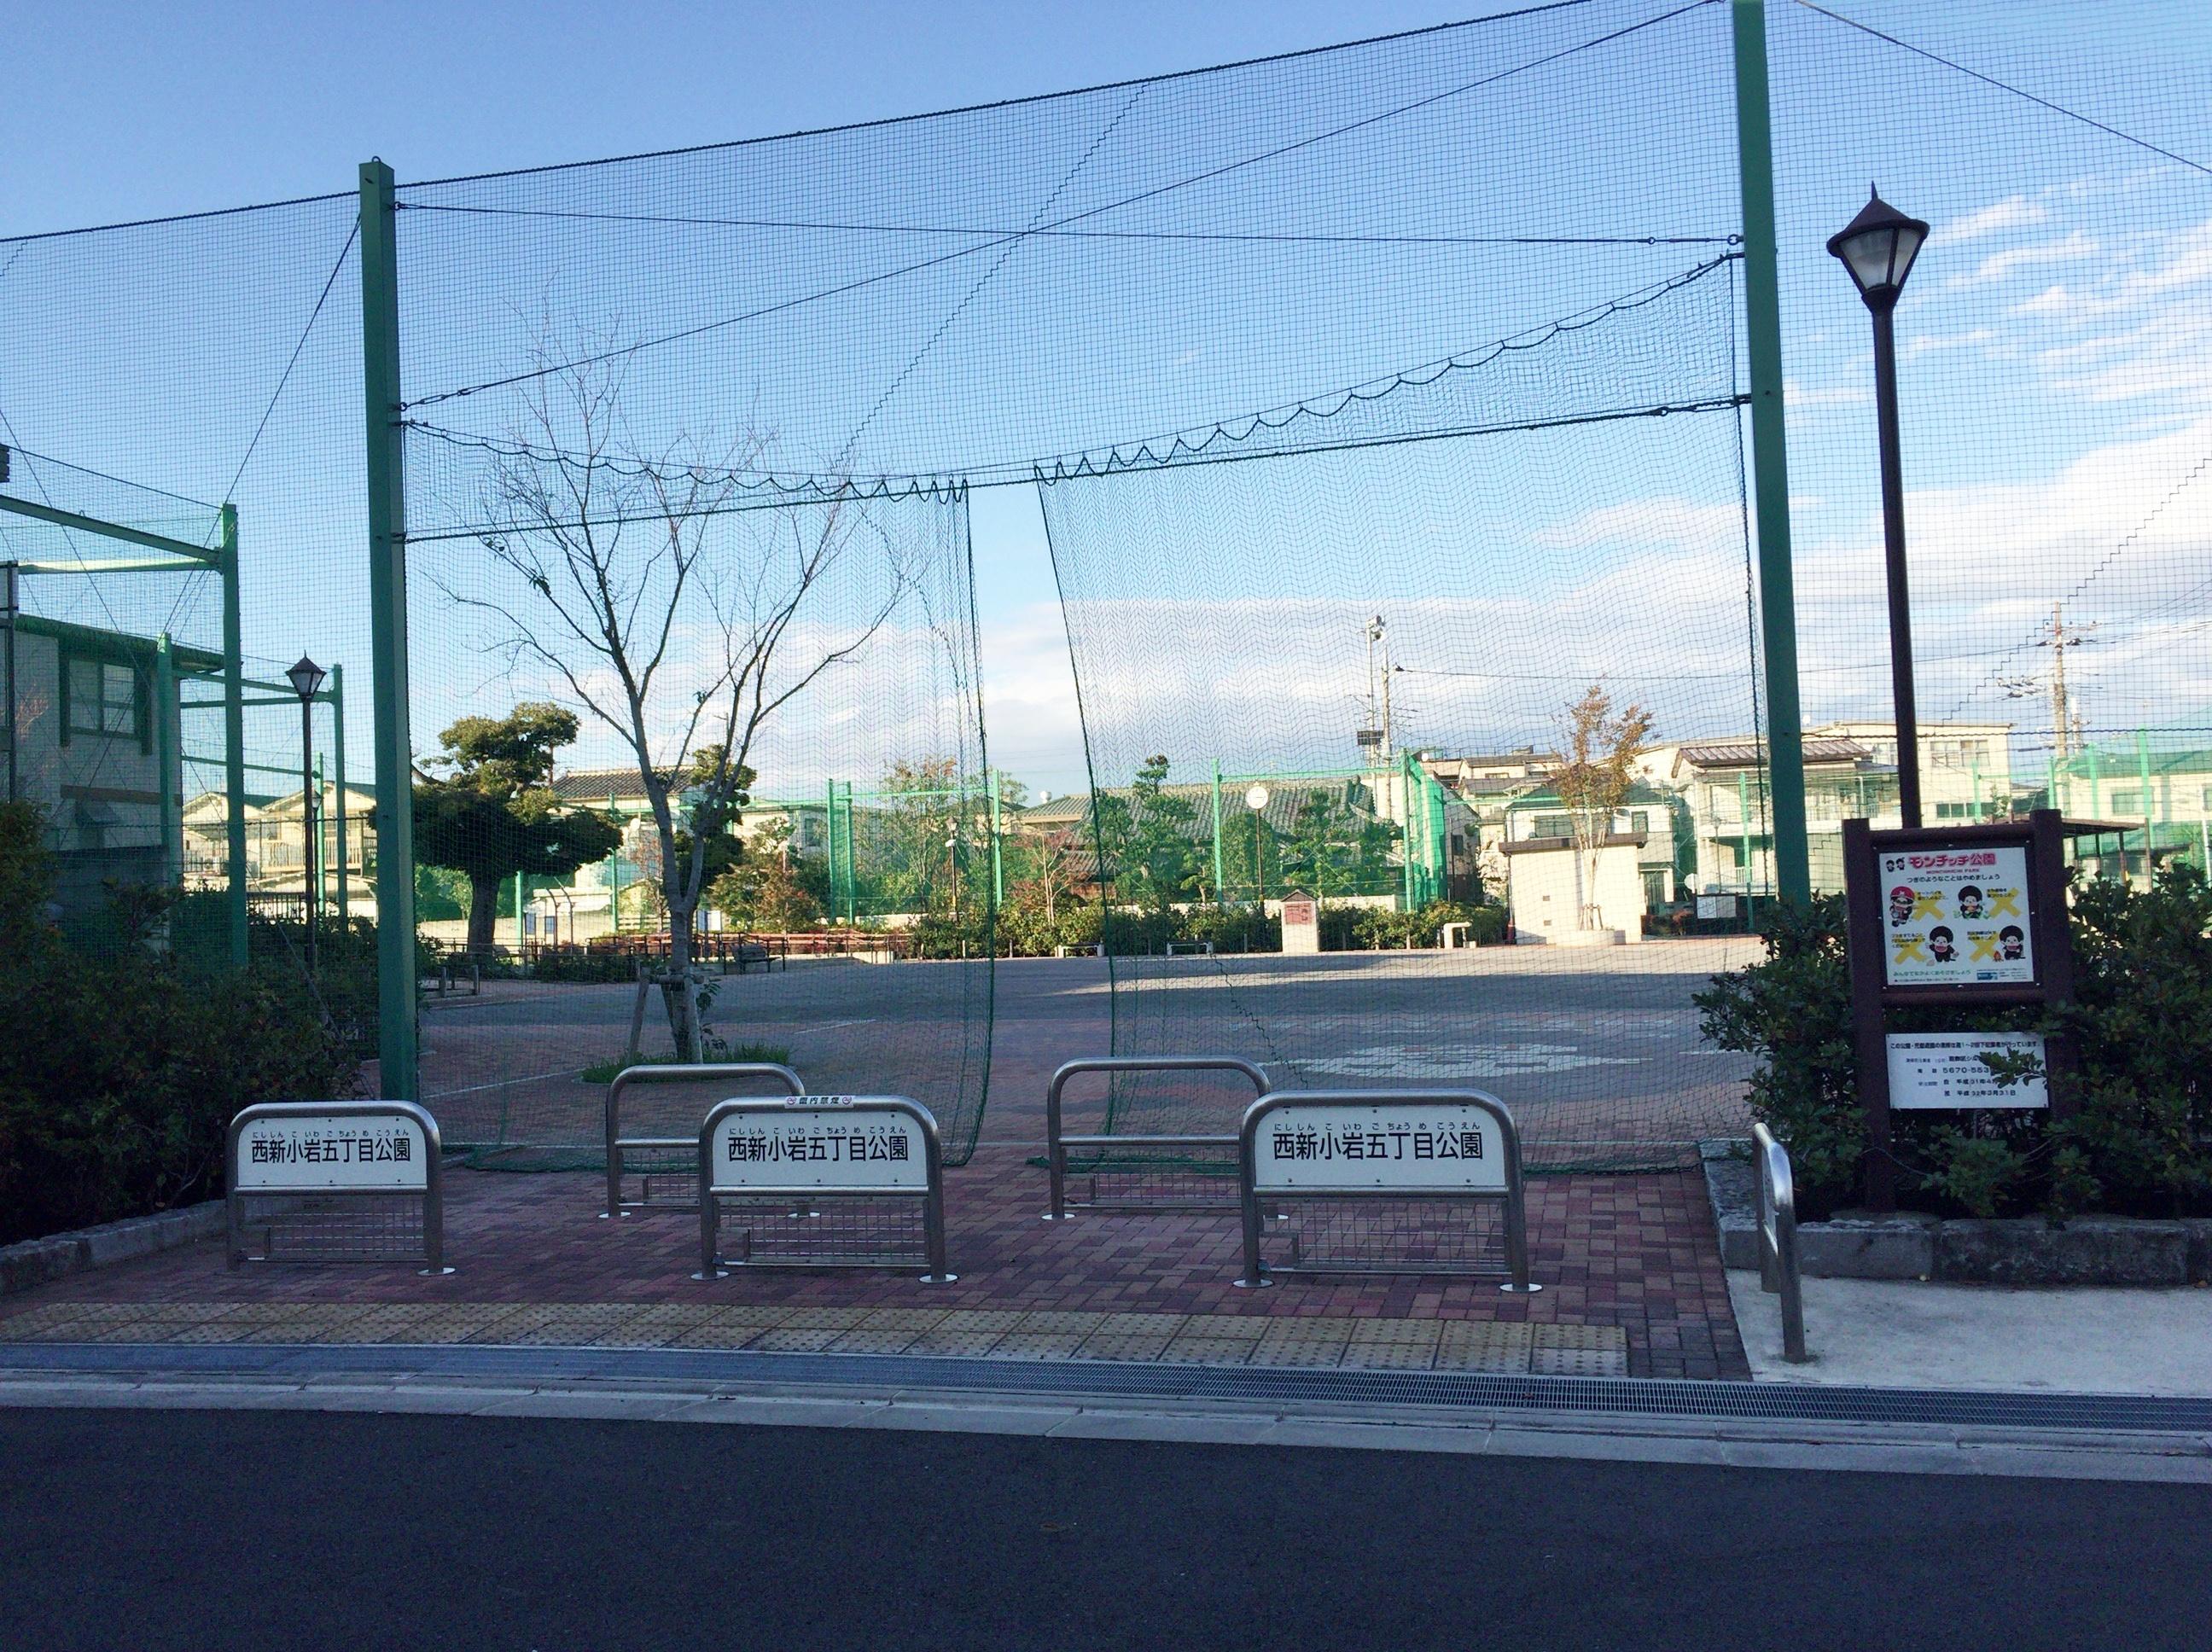 モンチッチ公園への道順